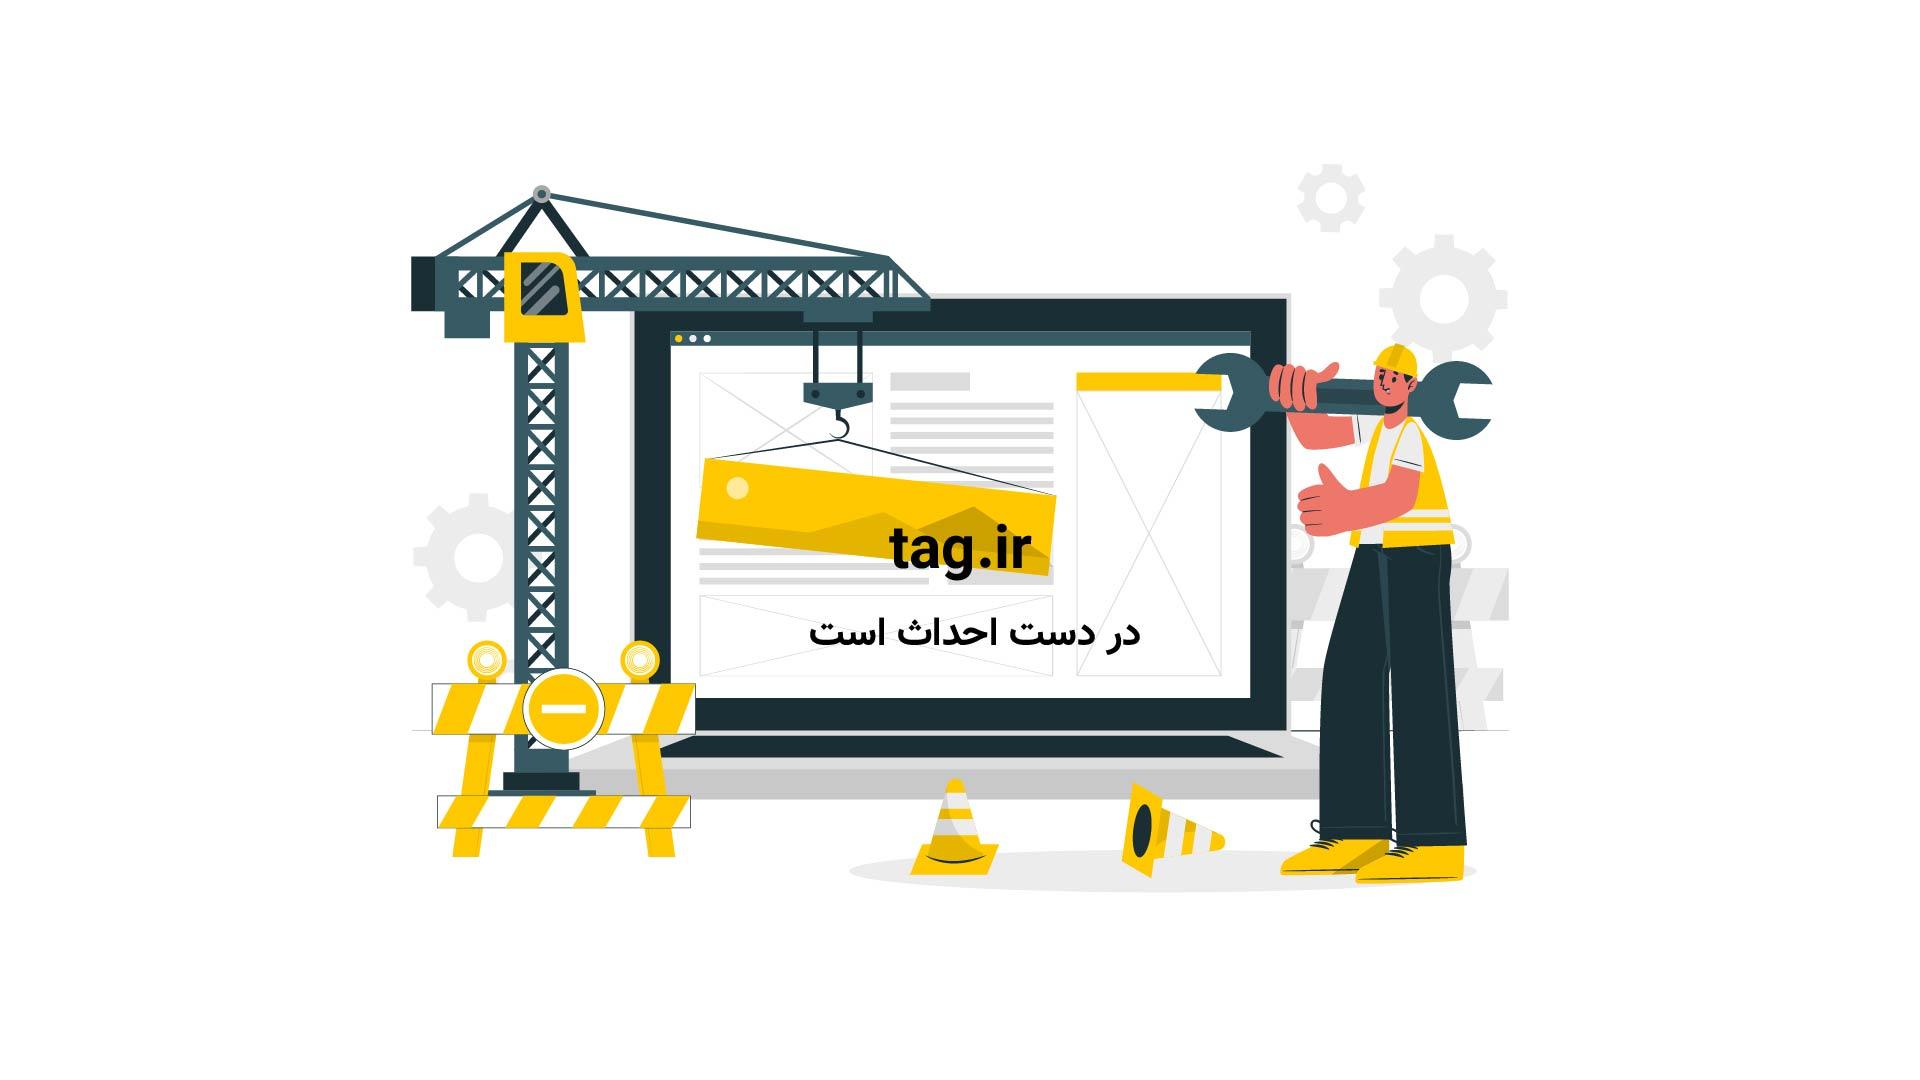 تهیه ۲ لیتر آب پرتقال تنها با ۱ عدد پرتقال تازه + فیلم